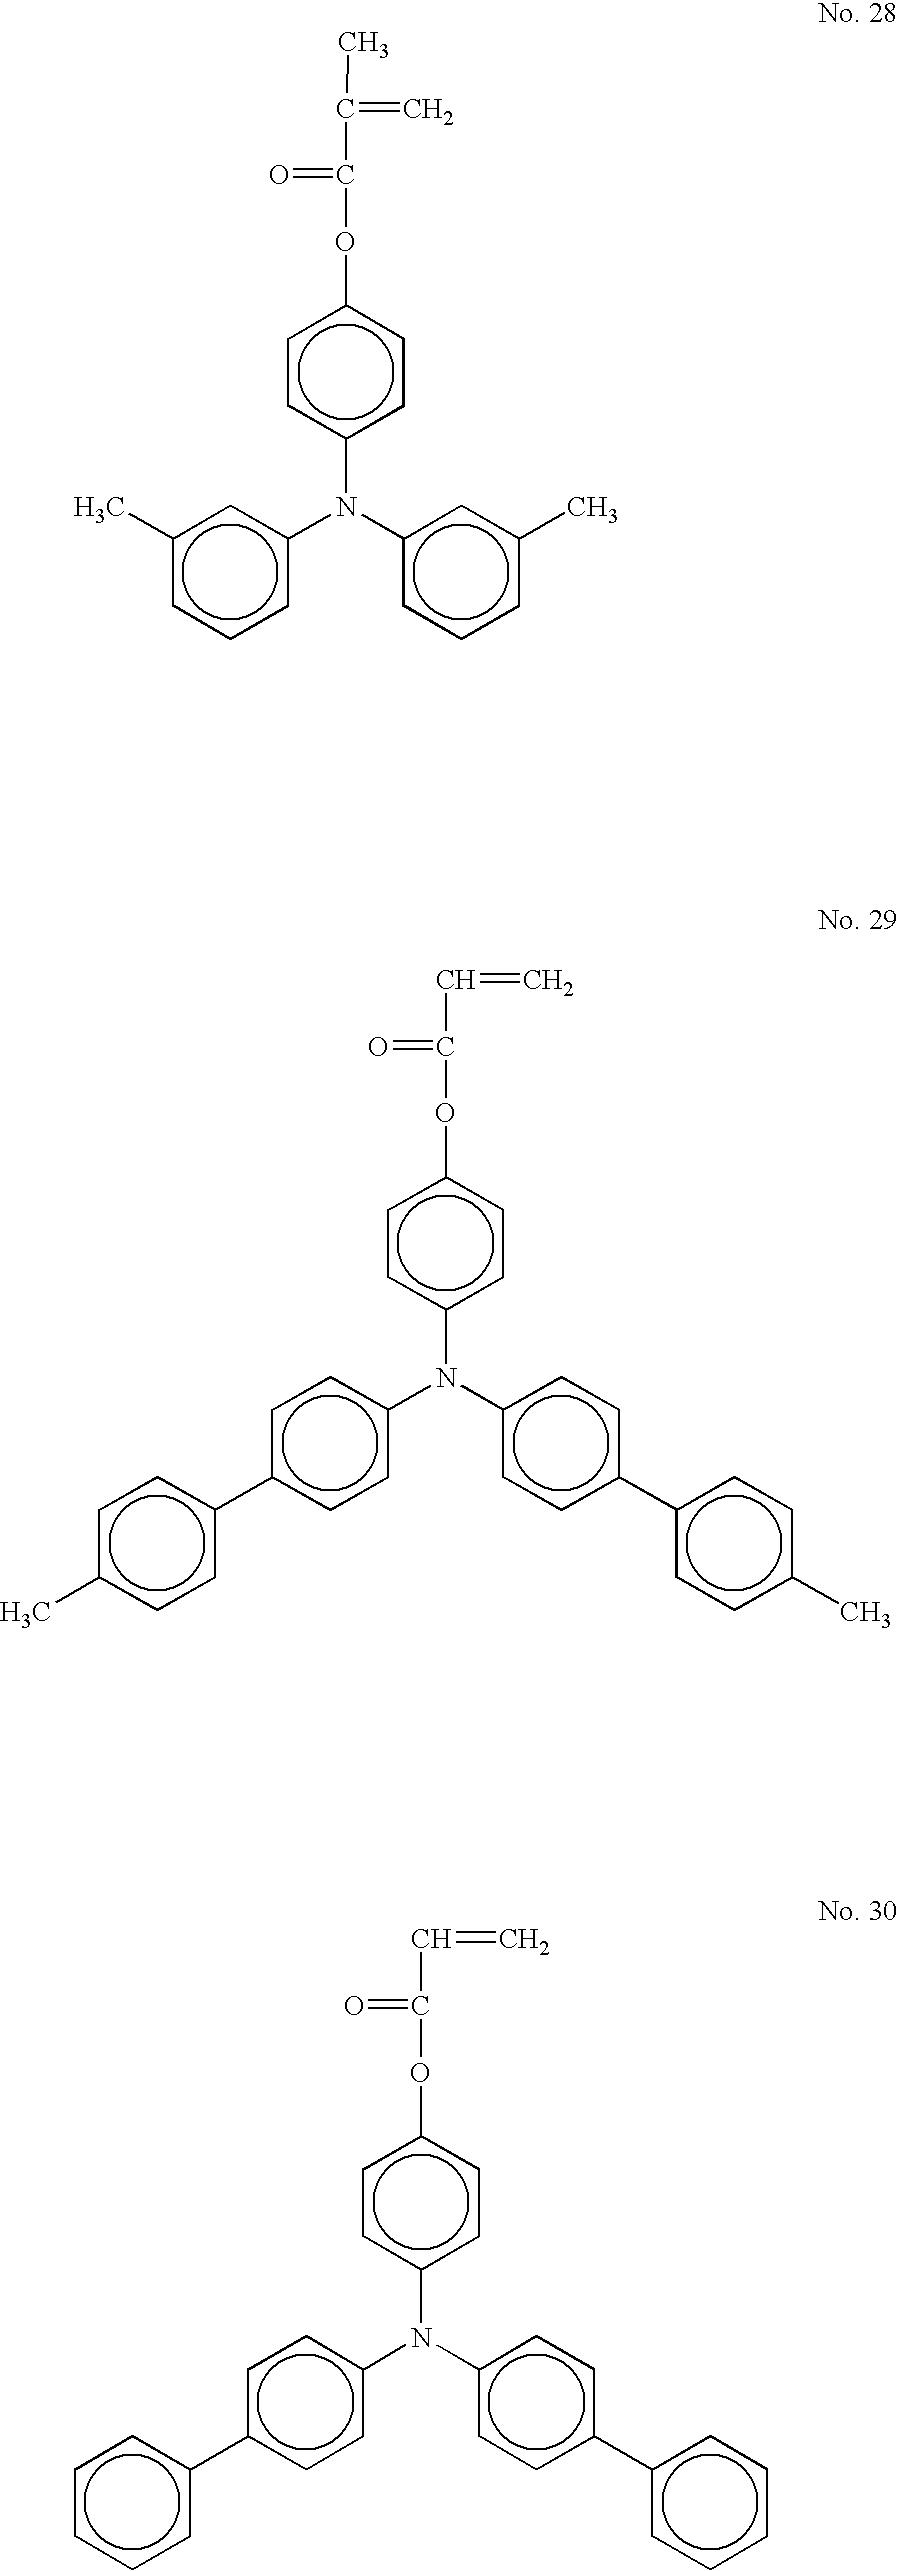 Figure US07175957-20070213-C00021